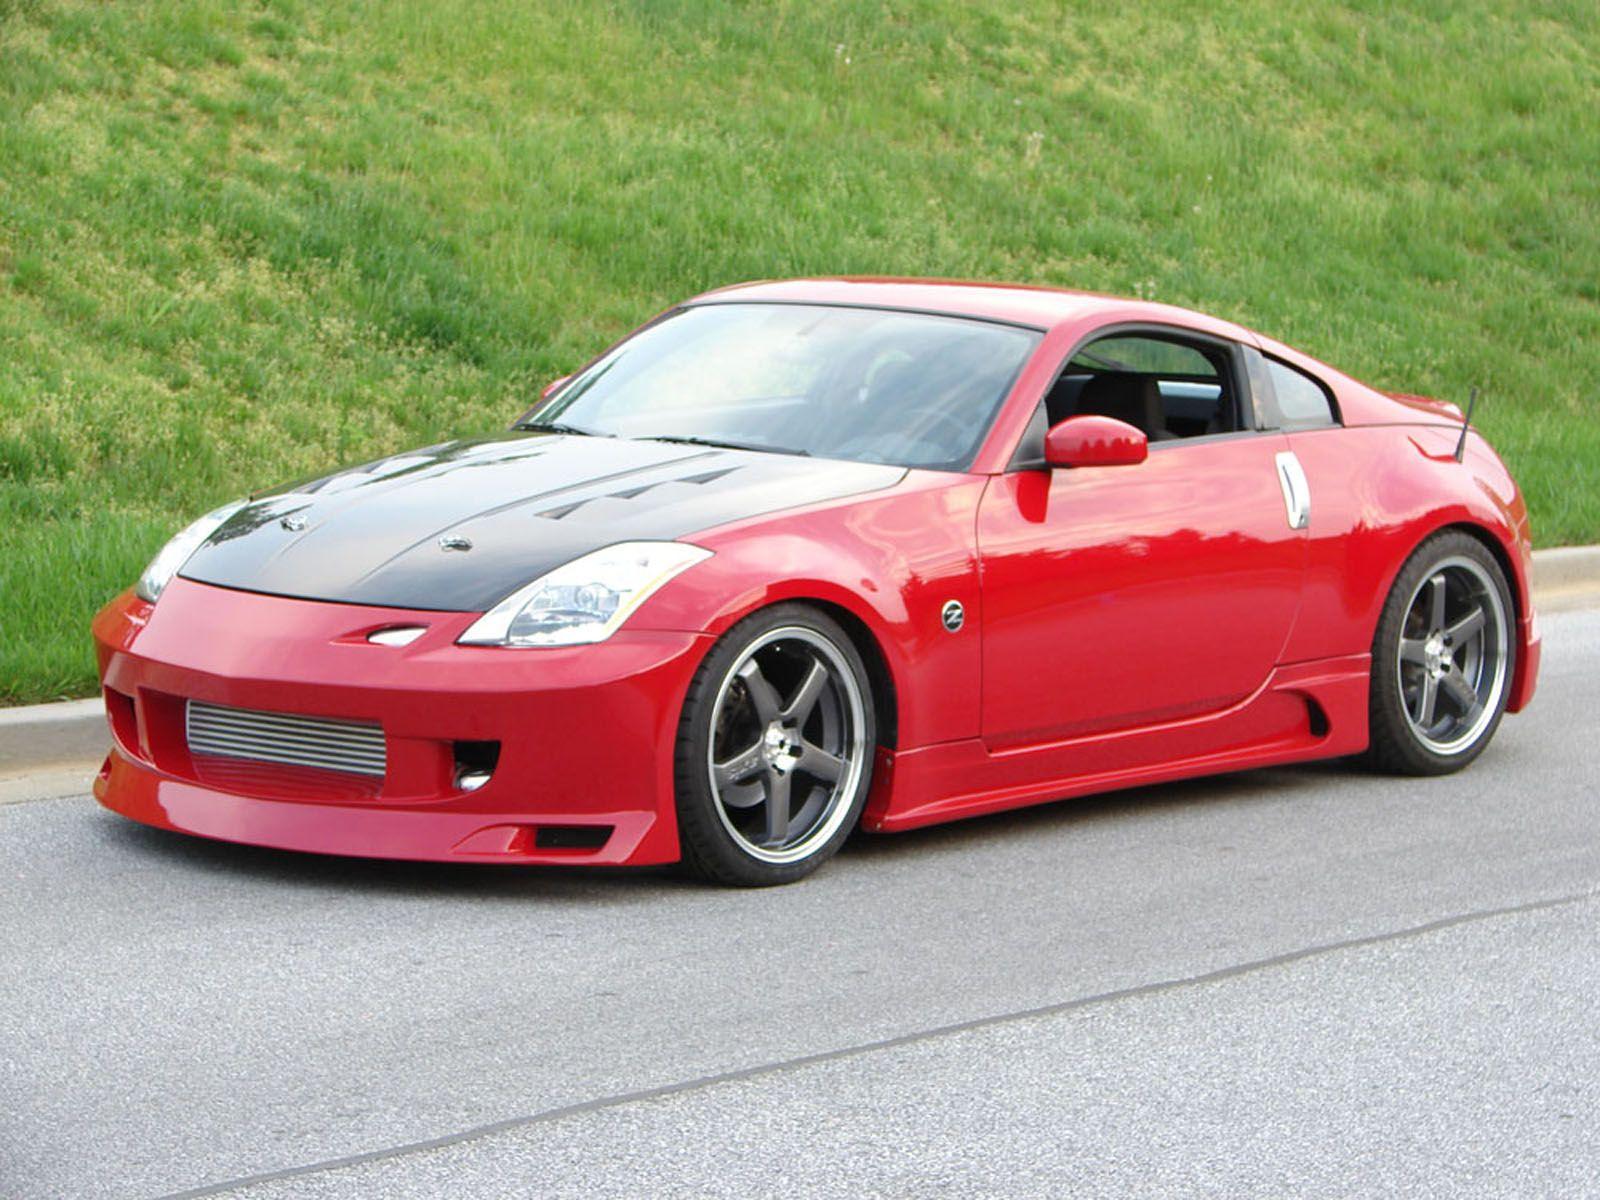 2003 Nissan Fairlady Z [350Z] Turbo Nissan 350z, Nissan